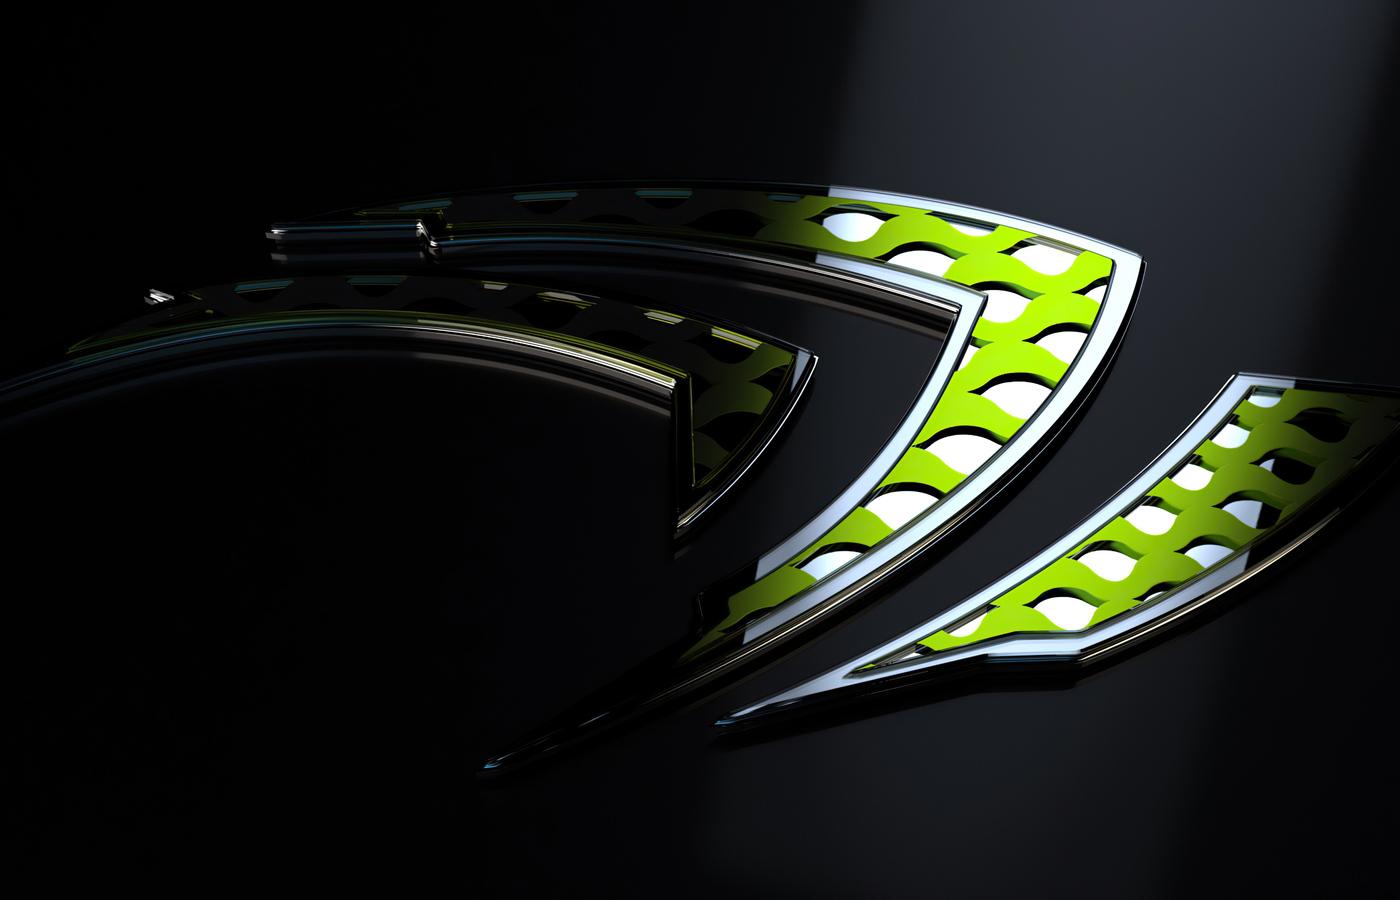 nvidia-cinema-4d-logo-pw.jpg